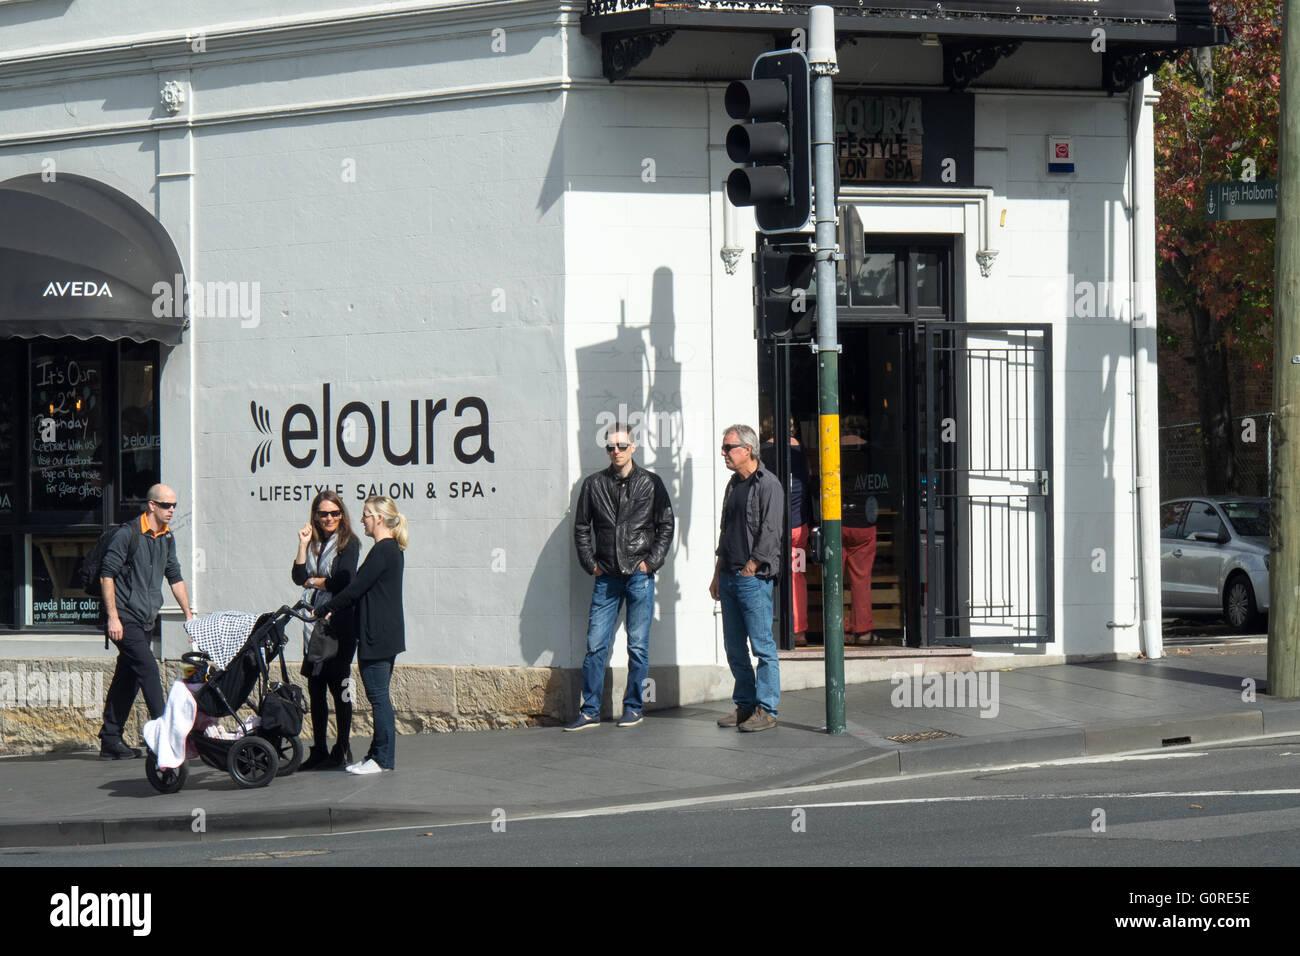 People Mingling Outside A Beauty Salon In Inner Sydney